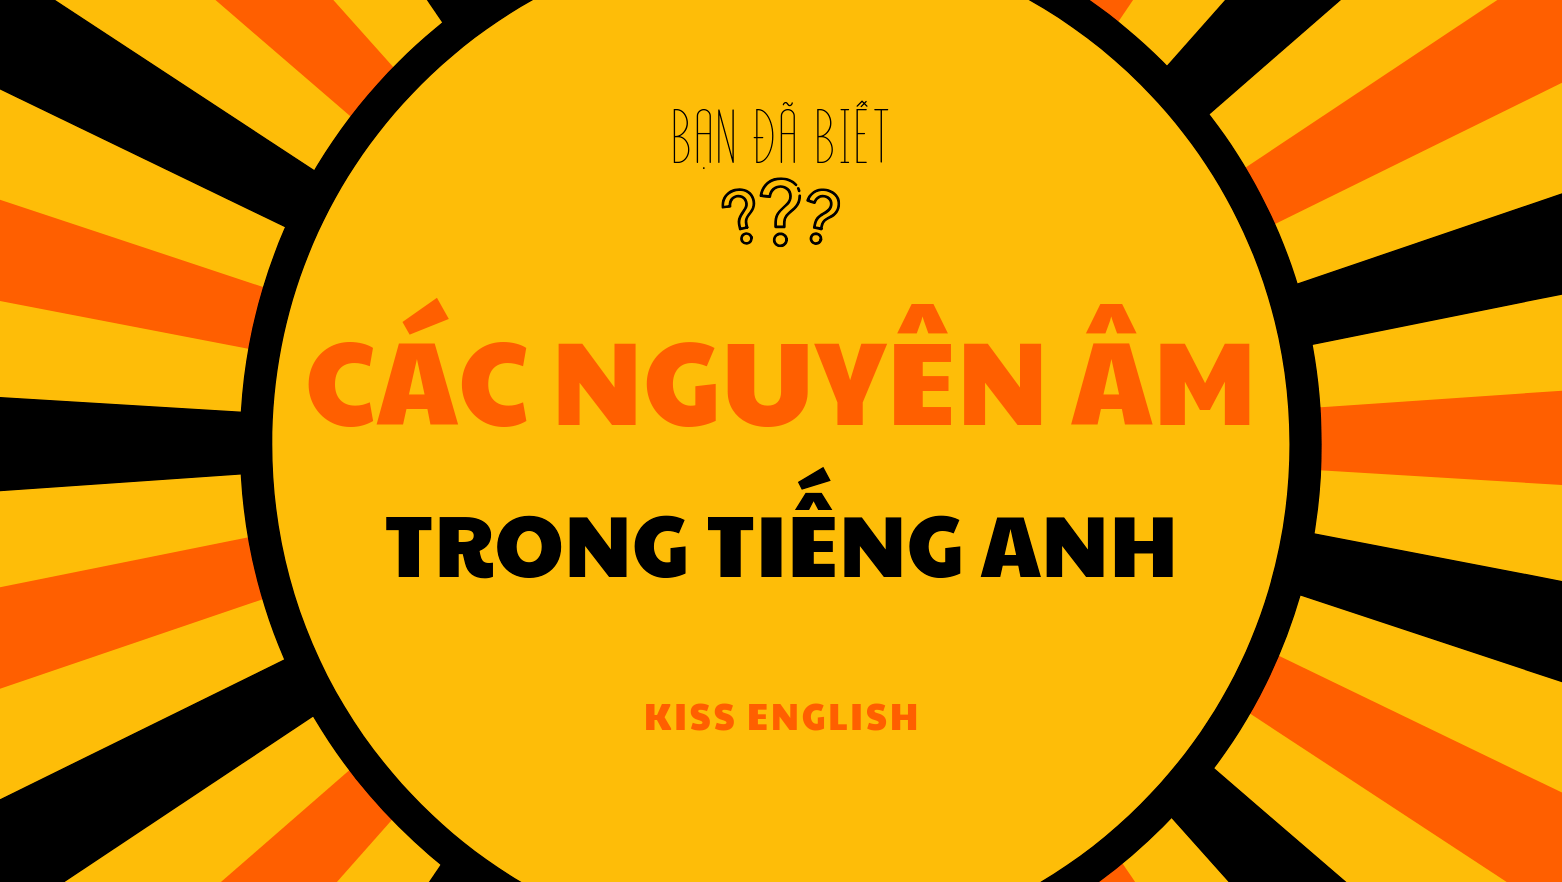 Các nguyên âm trong tiếng Anh